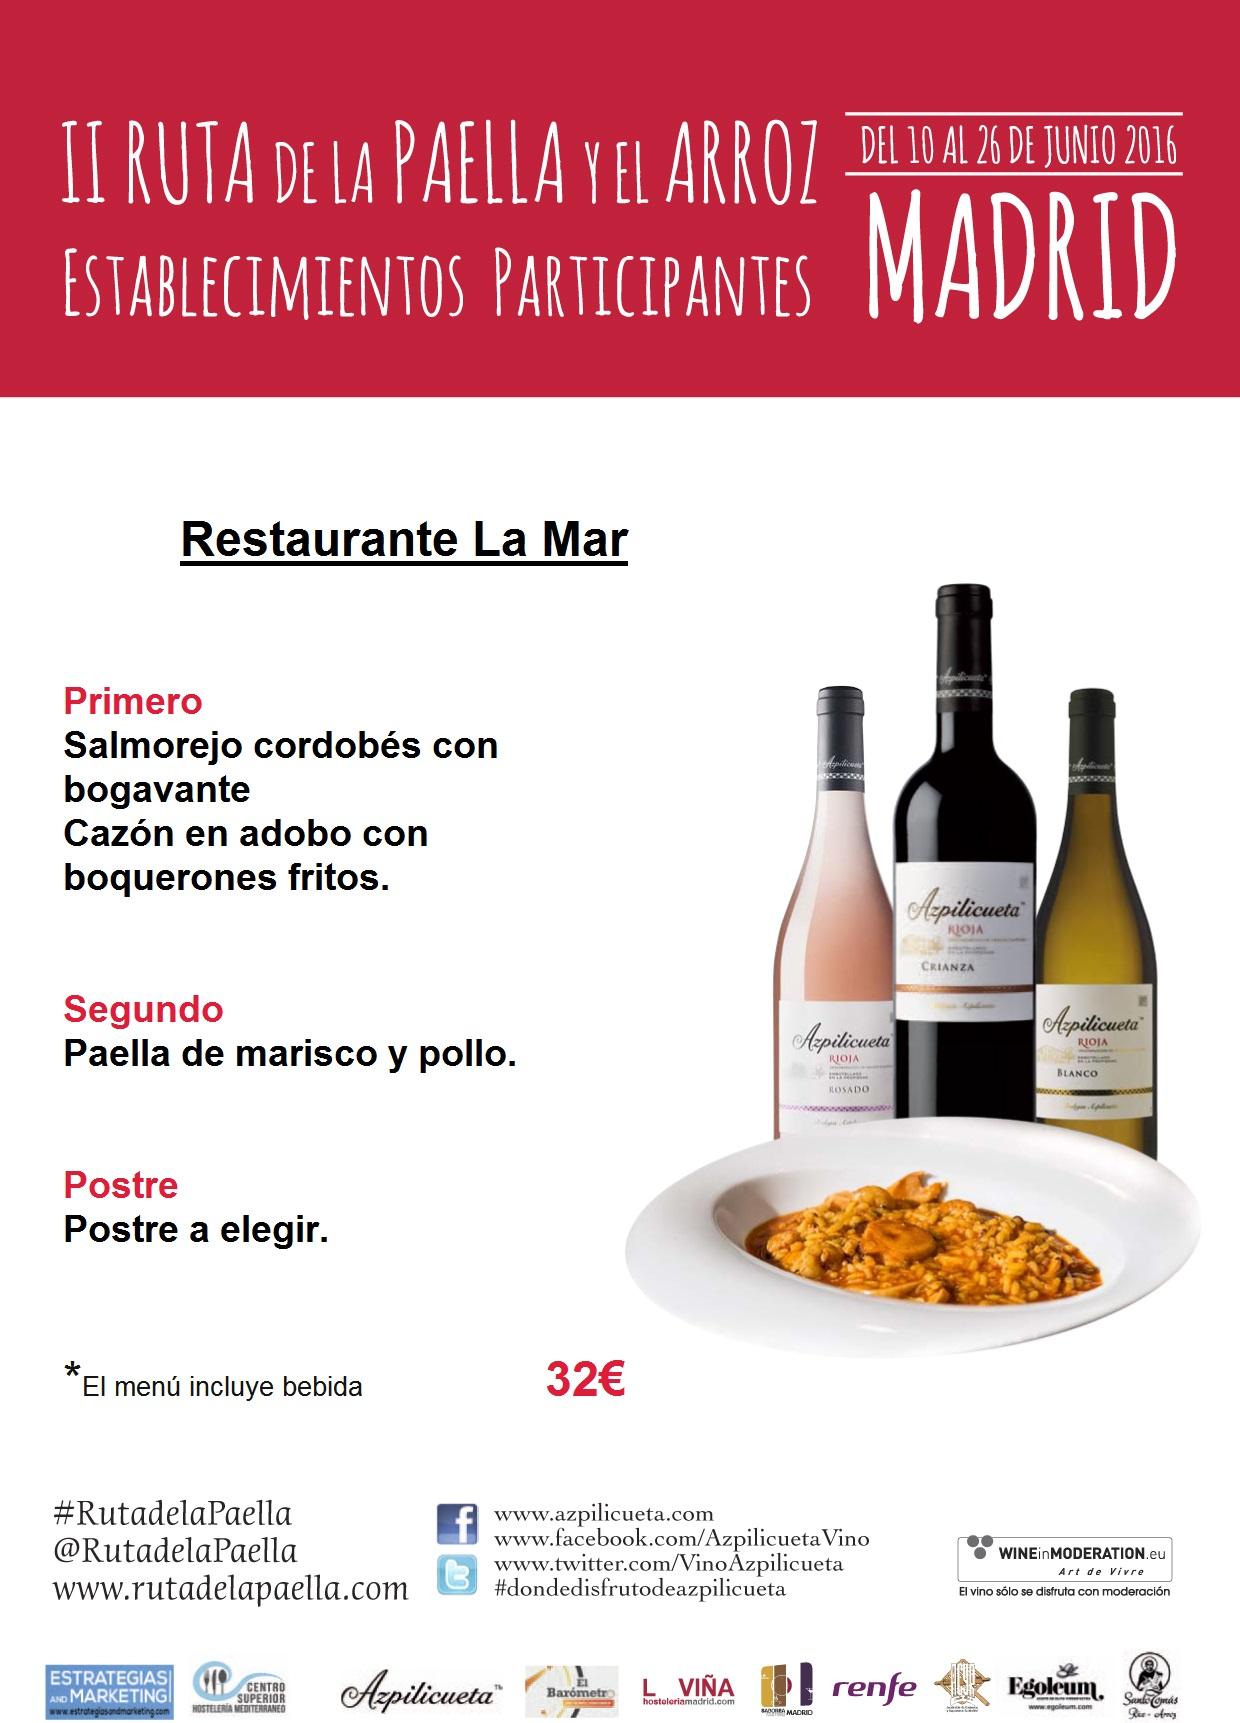 Restaurante La Mar